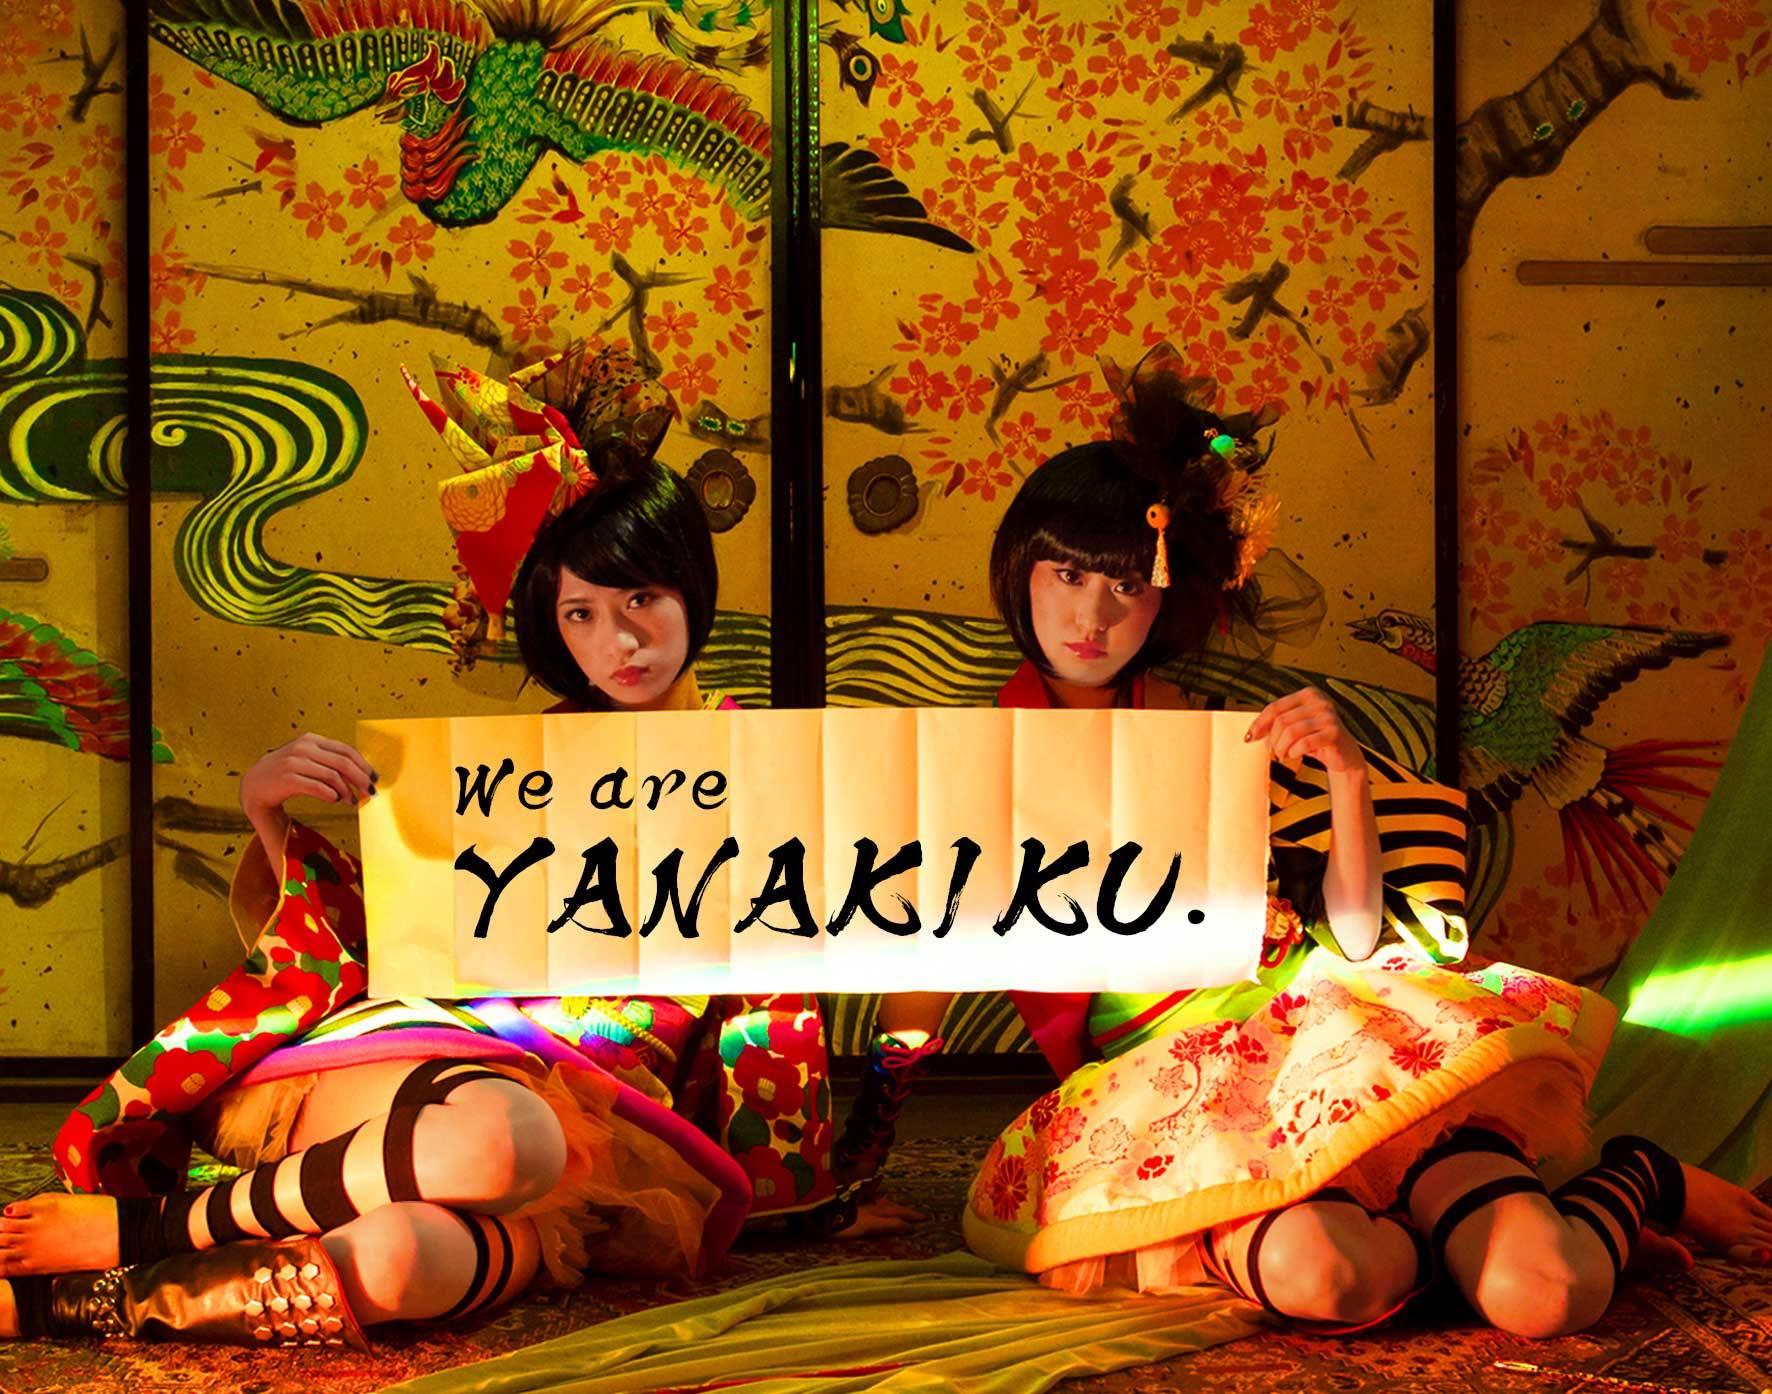 NekoPOP-Yanakiku-2013-10A